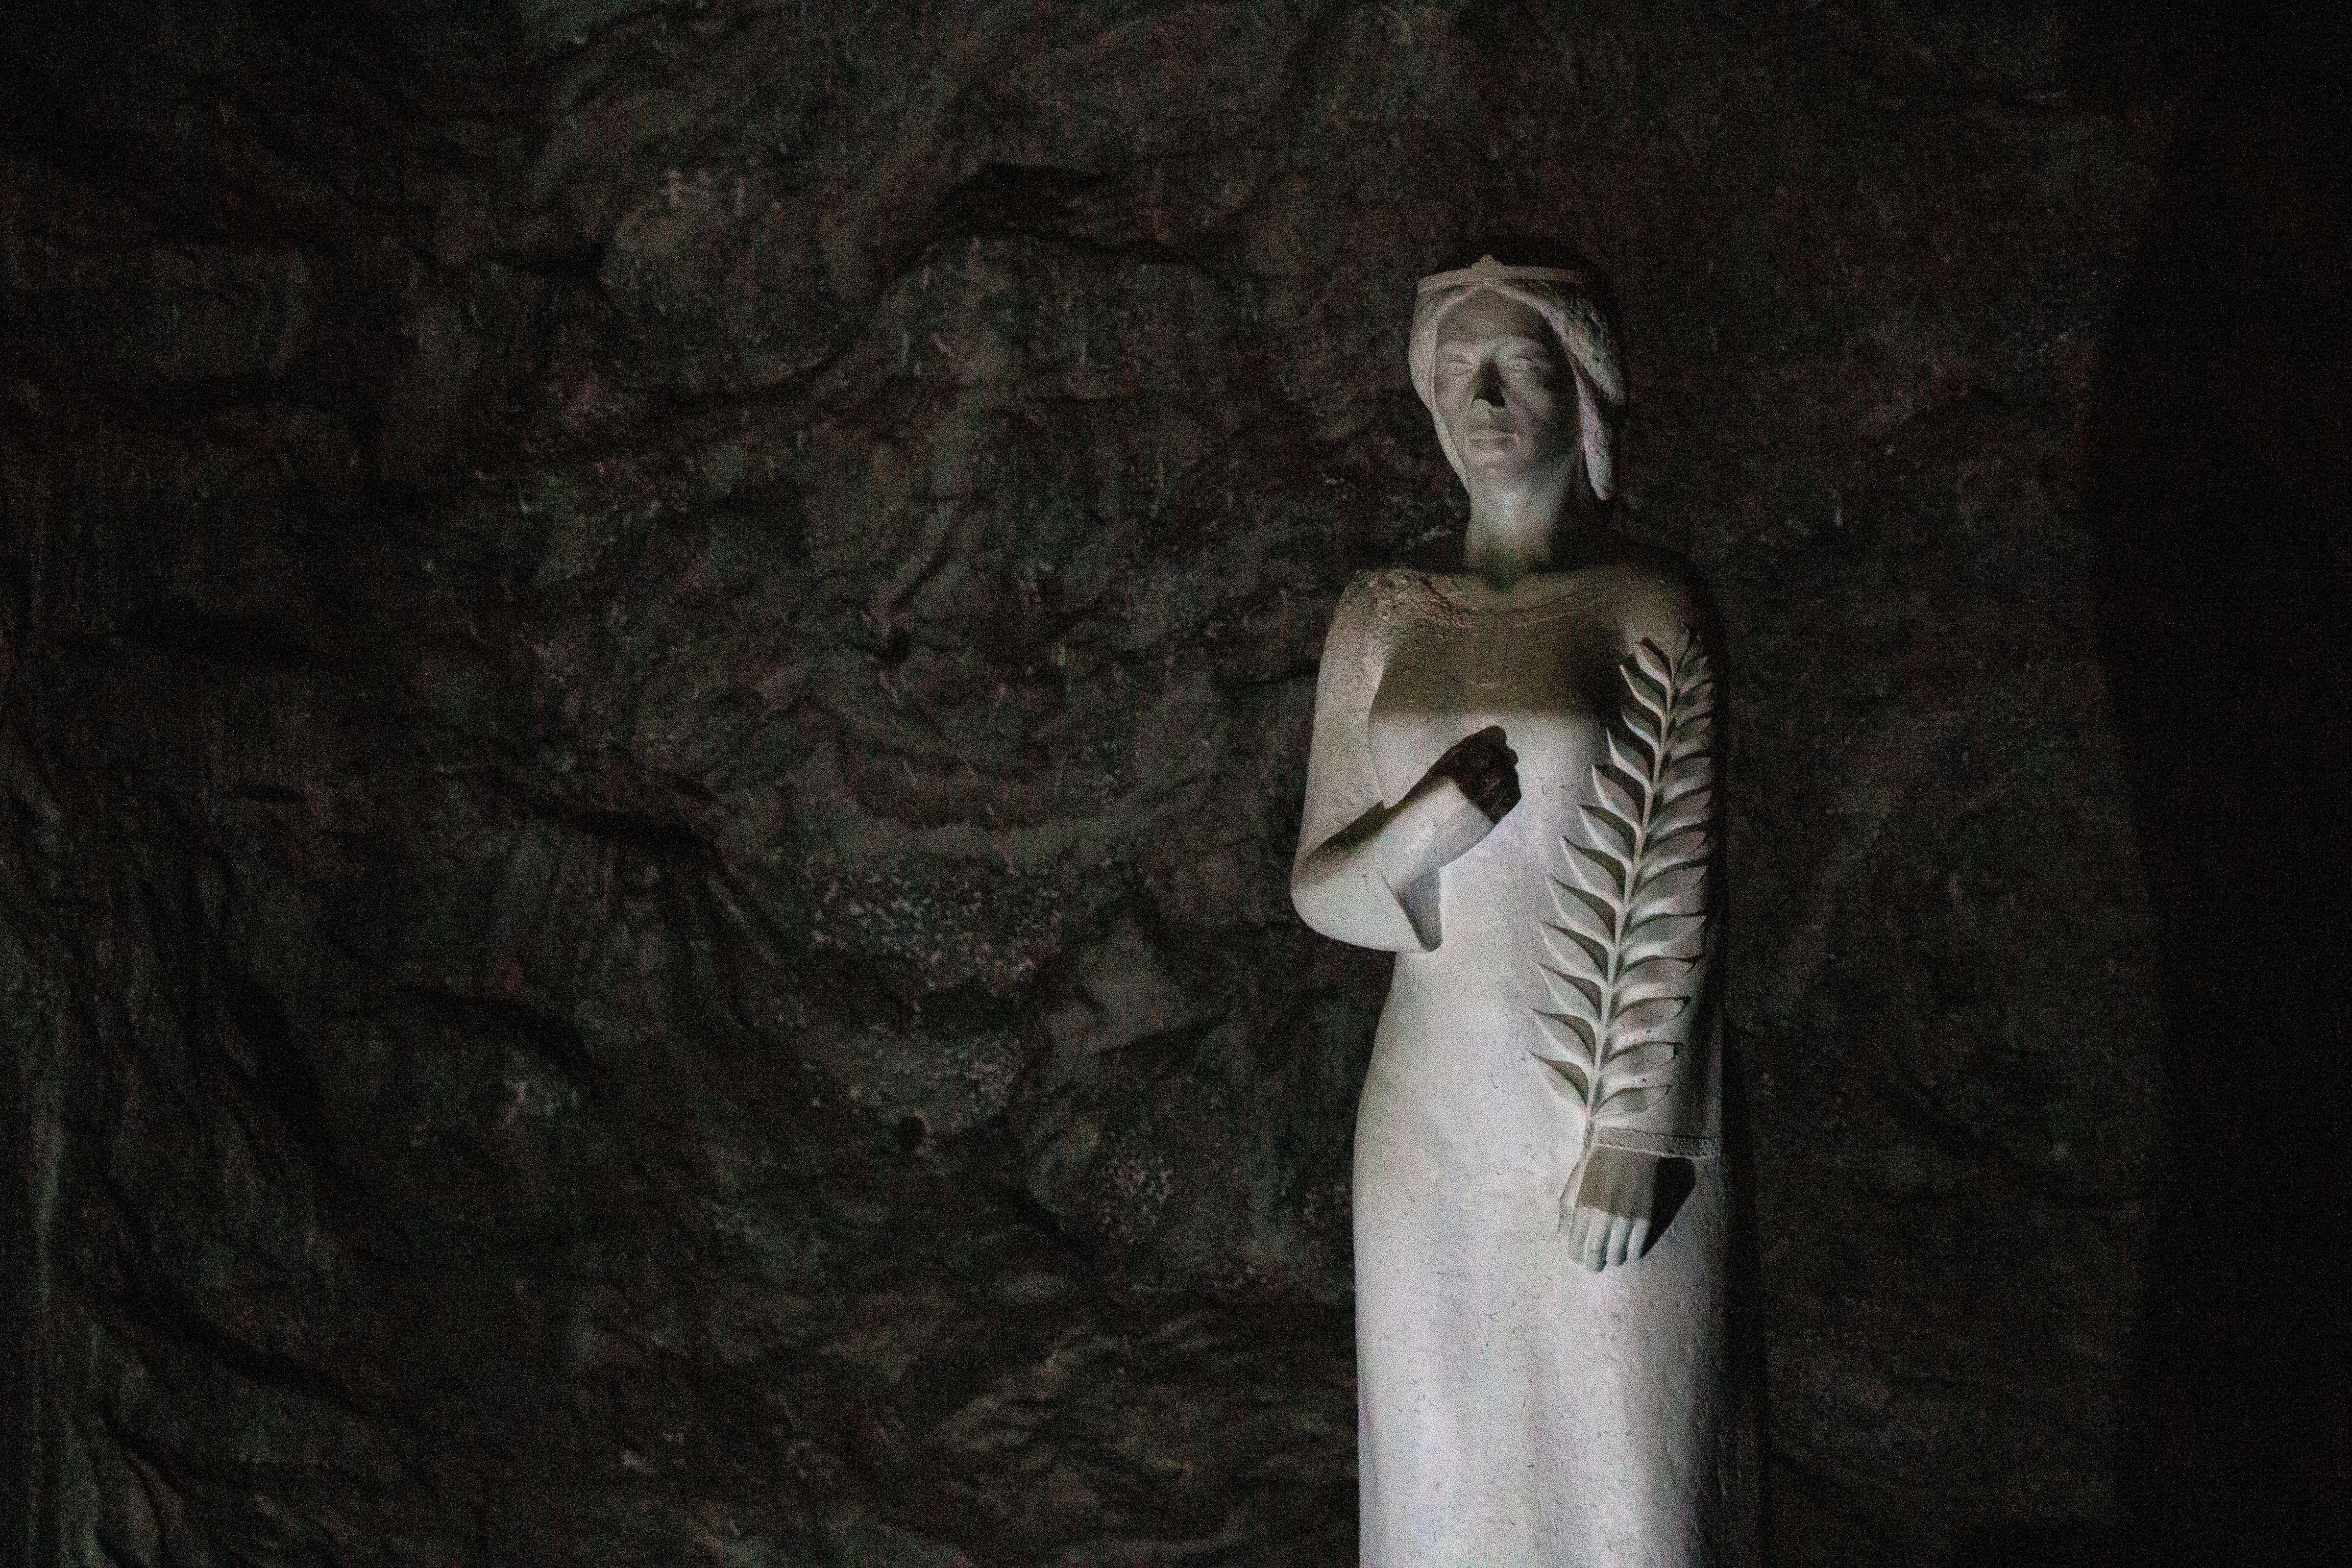 Szent Borbála szobra a Parajdi Sóbányában